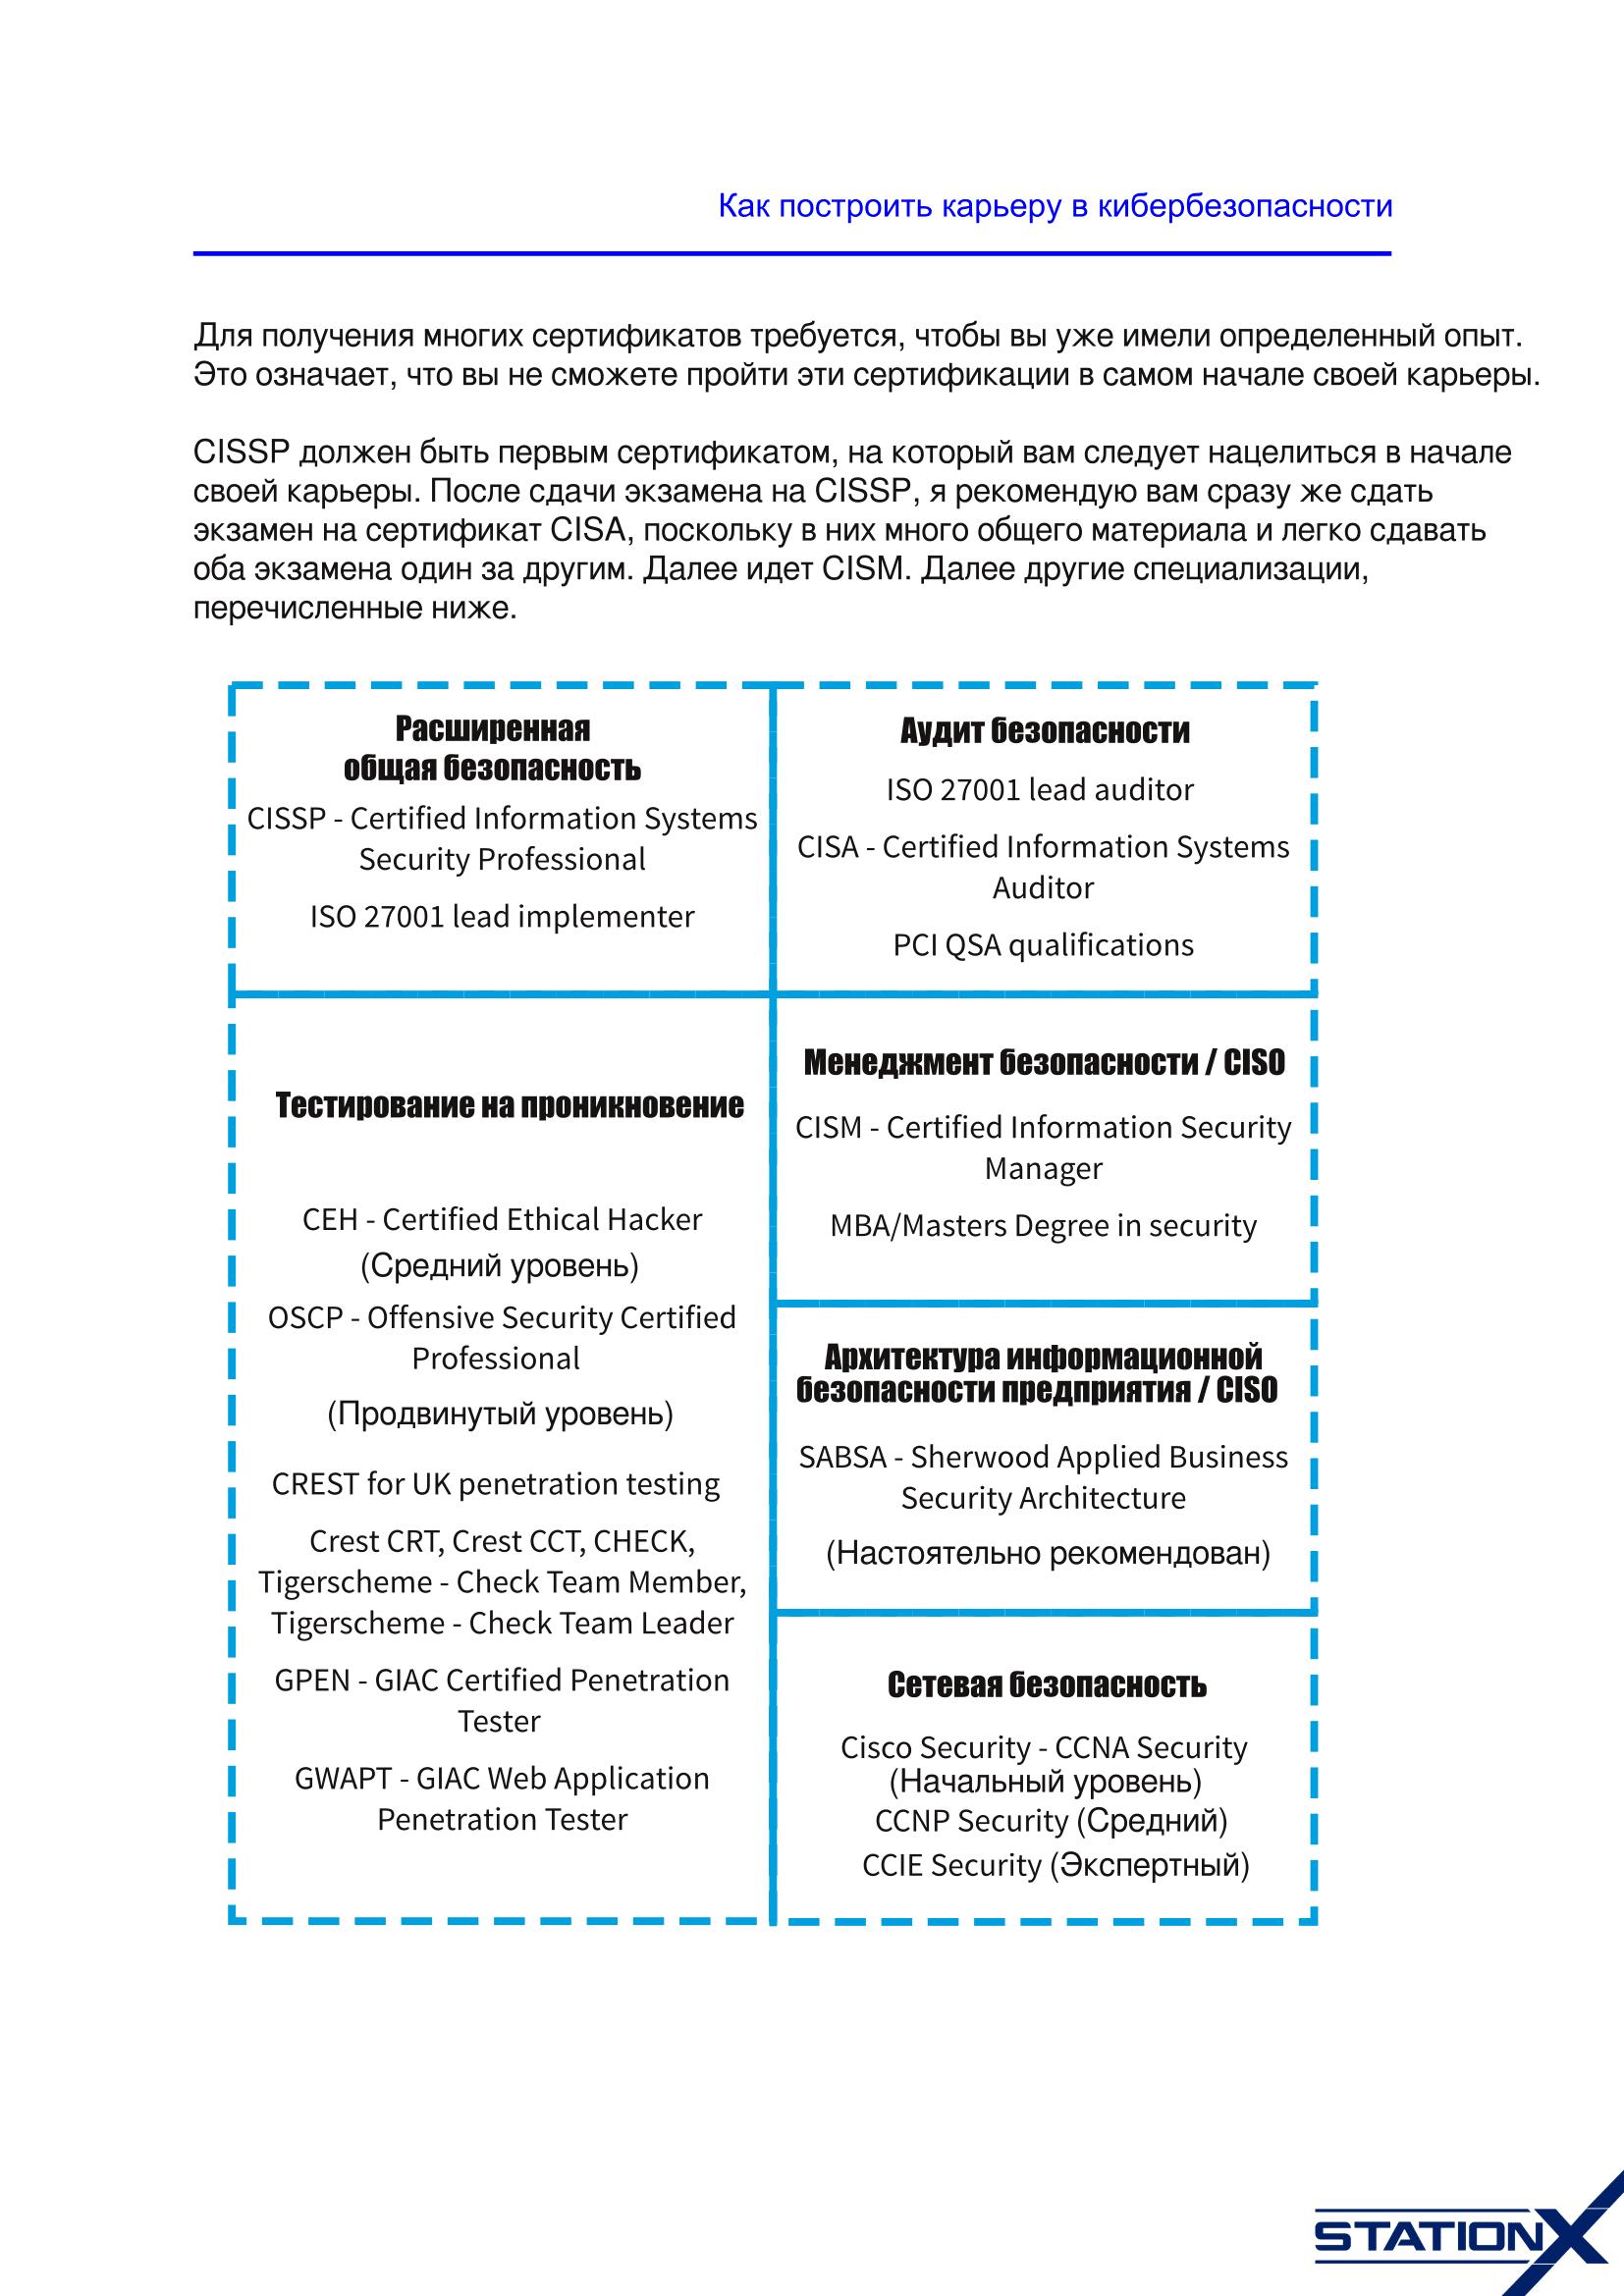 Как_построить_карьеру_в_кибербезопасности-4.png